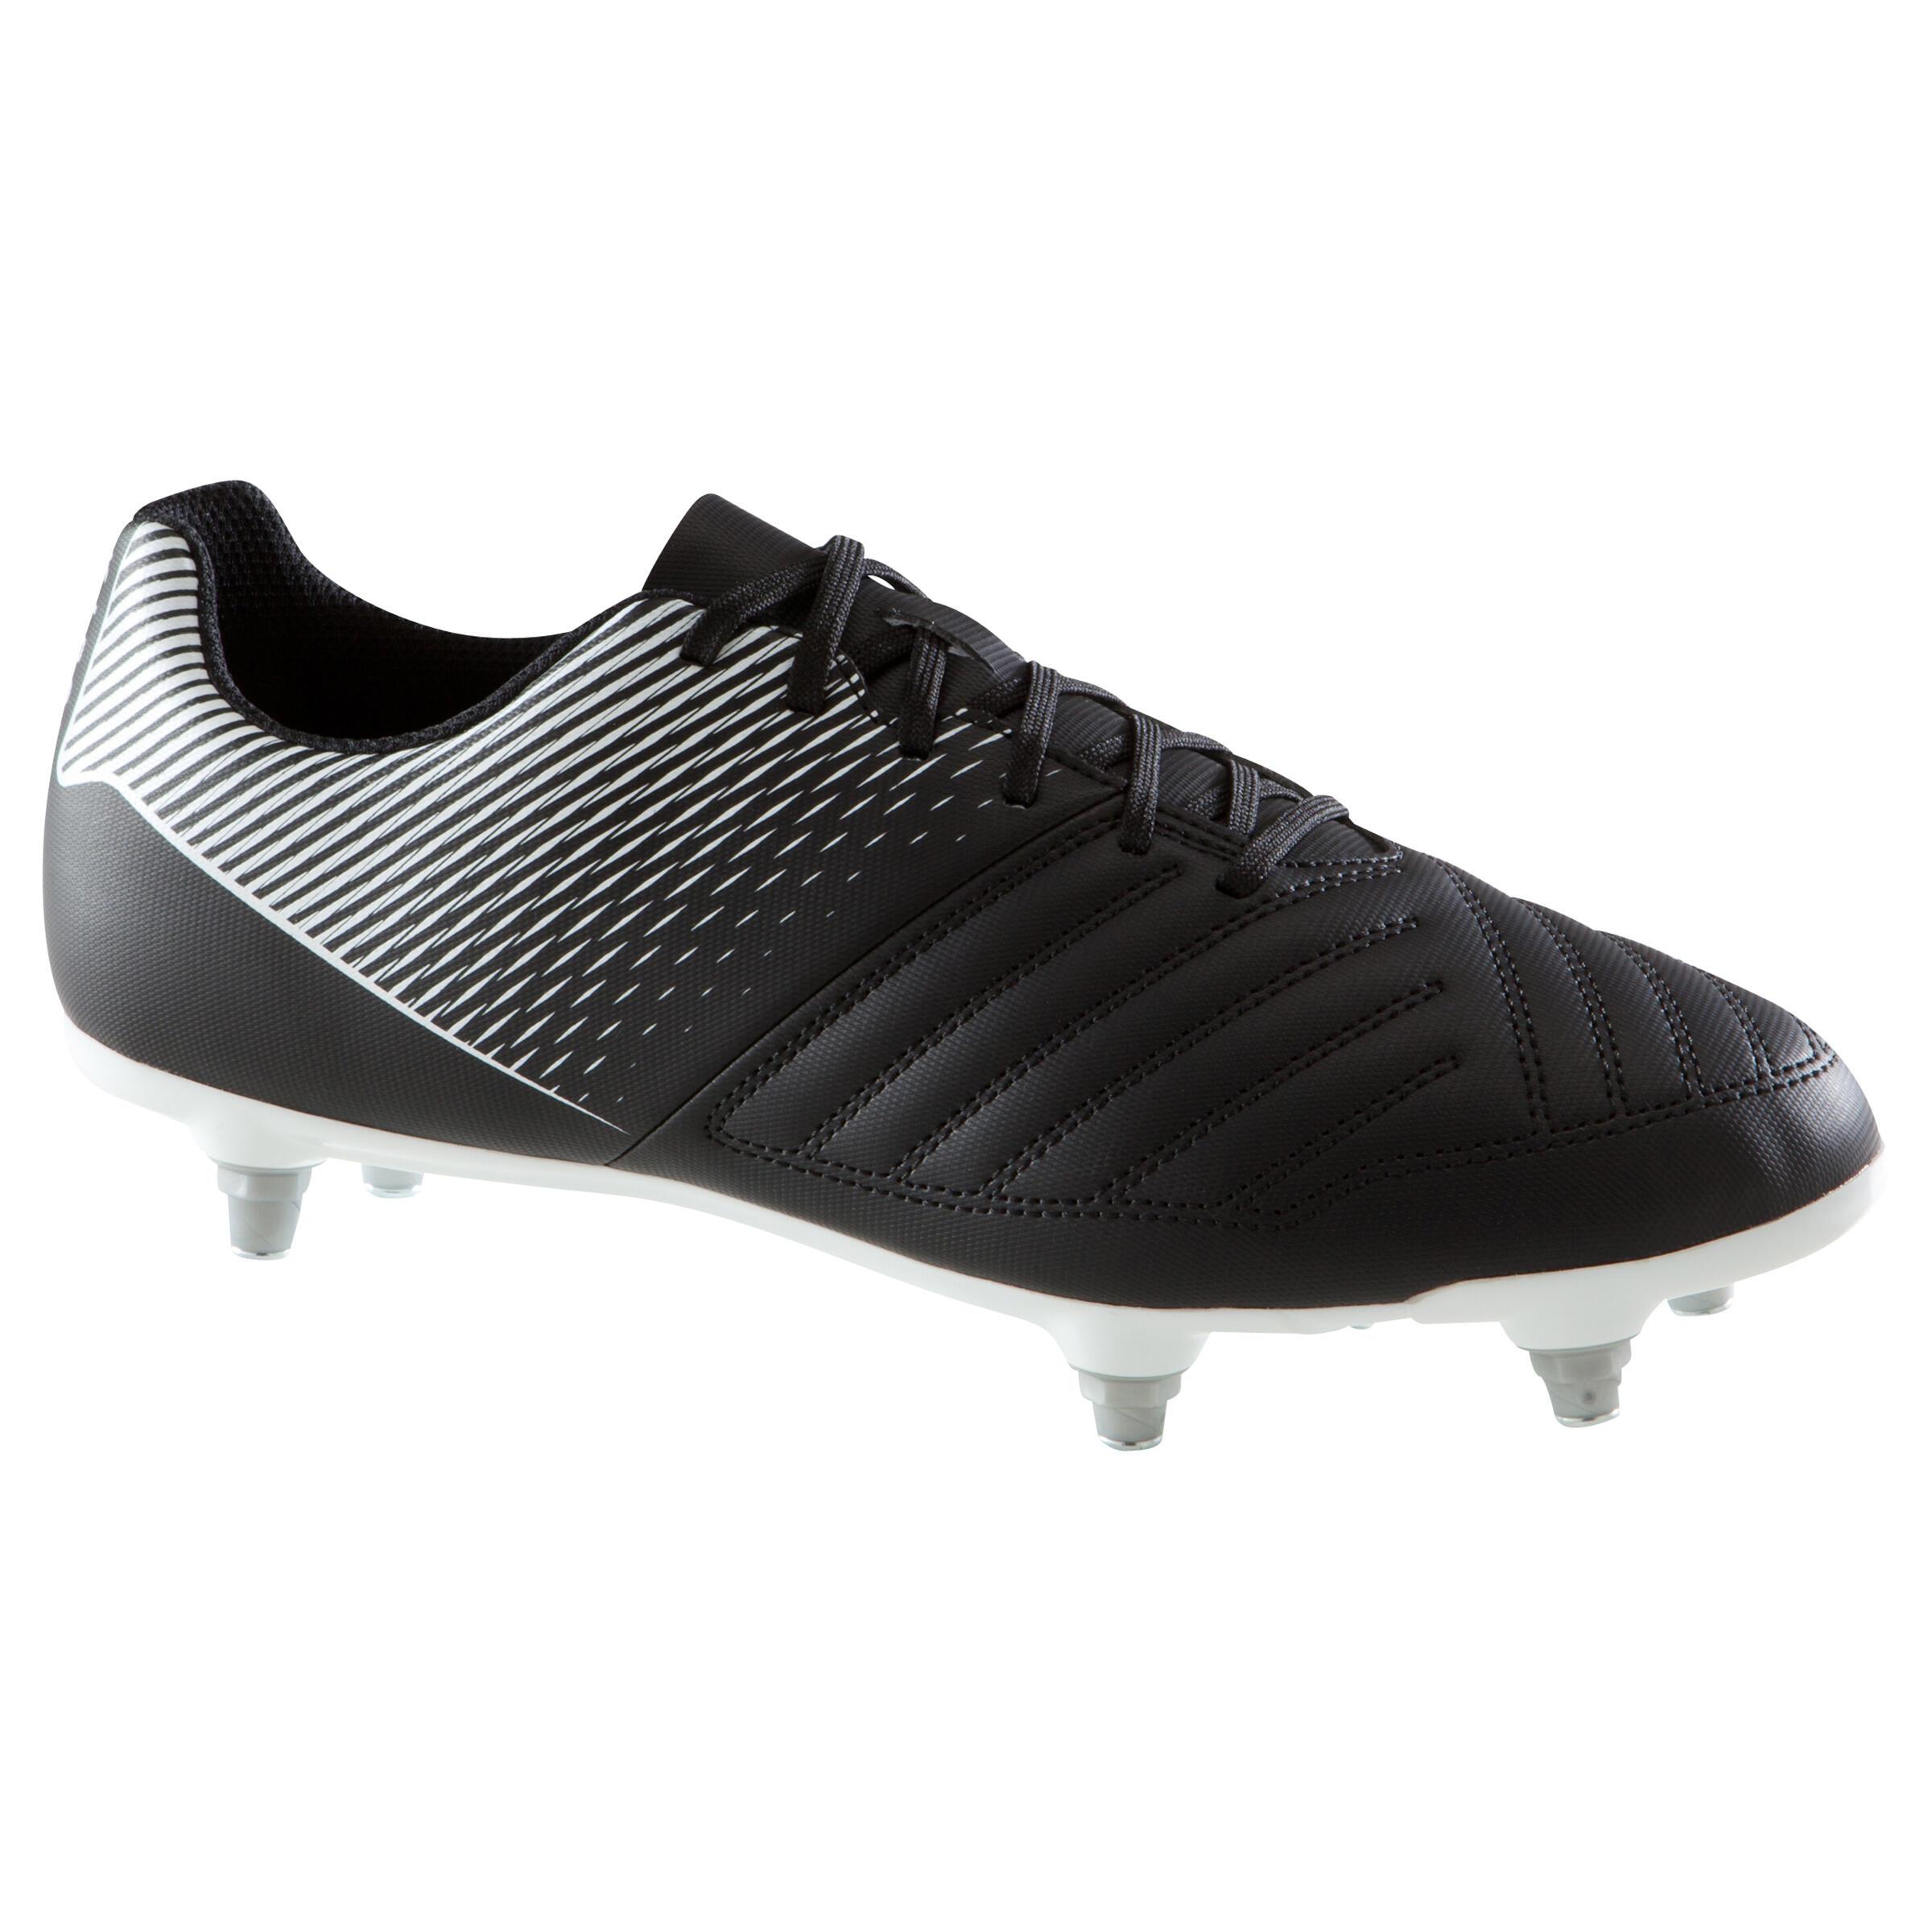 Fußballschuhe Agility 100 SG weicher Boden Erwachsene schwarz/weiß | Schuhe > Sportschuhe > Fußballschuhe | Kipsta